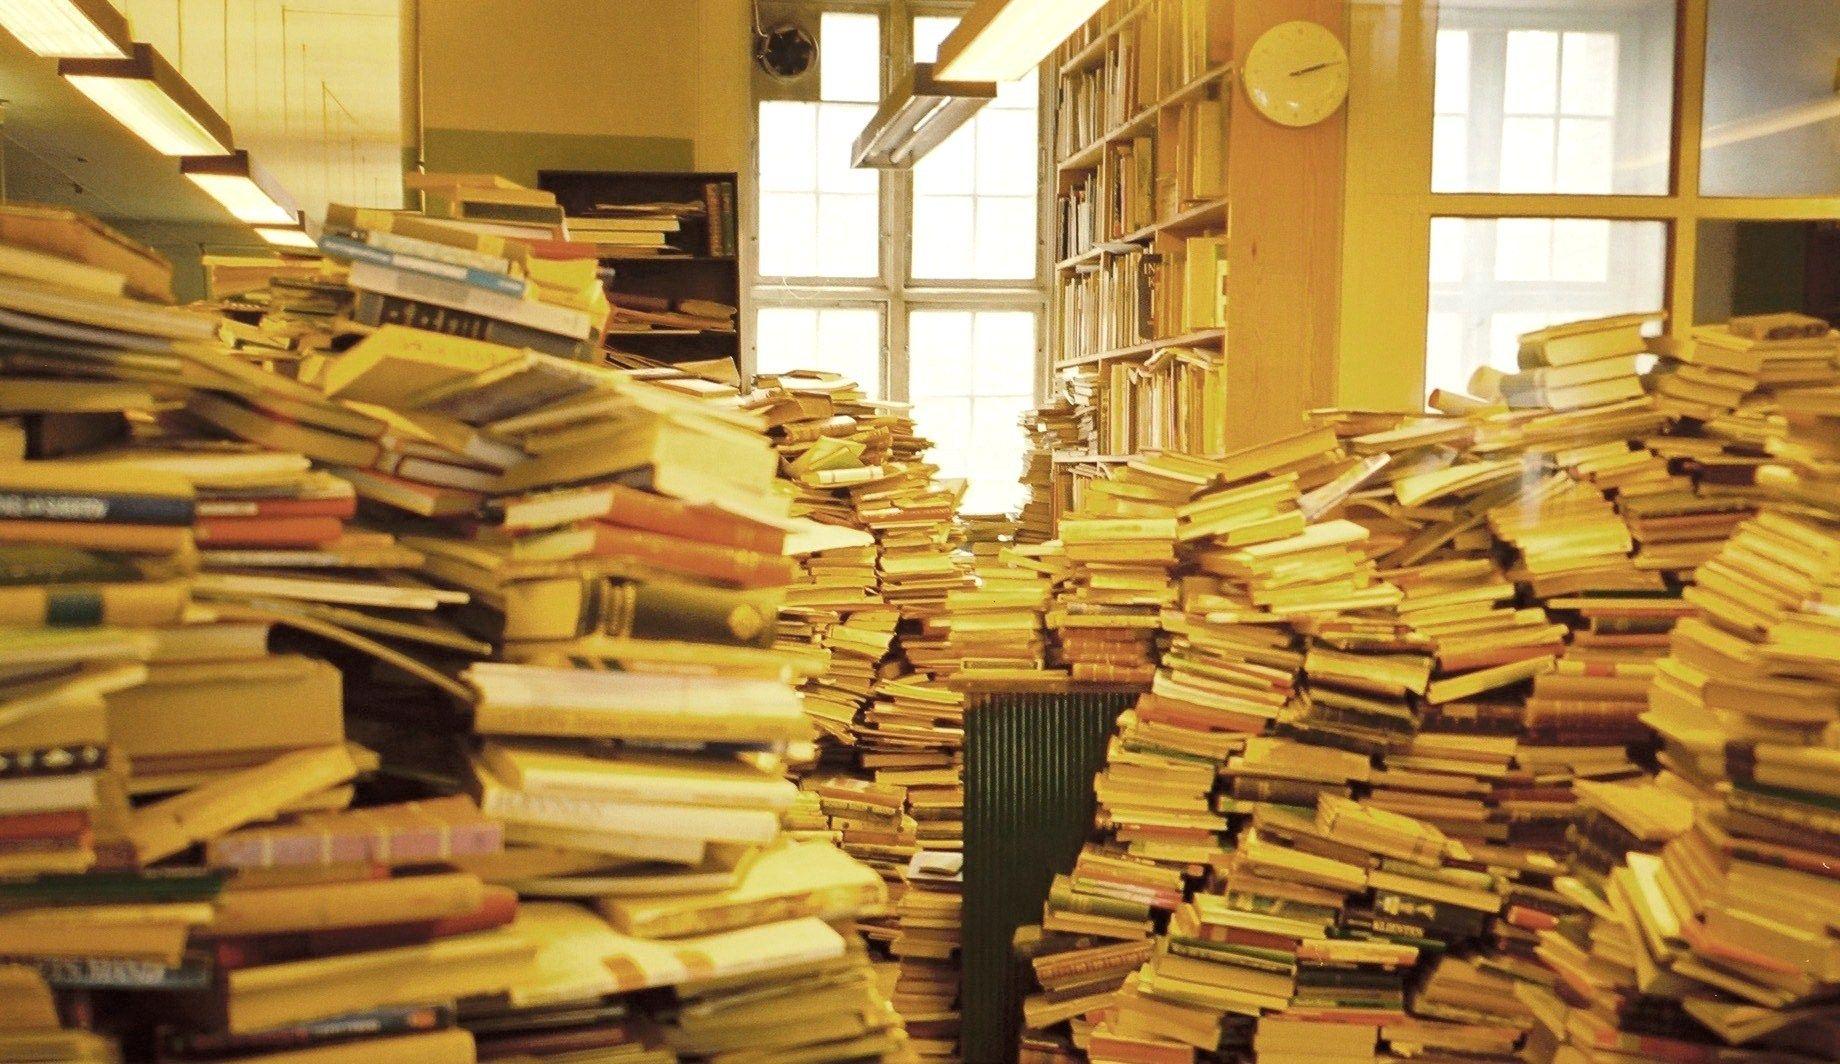 恐るべき重さ!本で床は抜けるのか